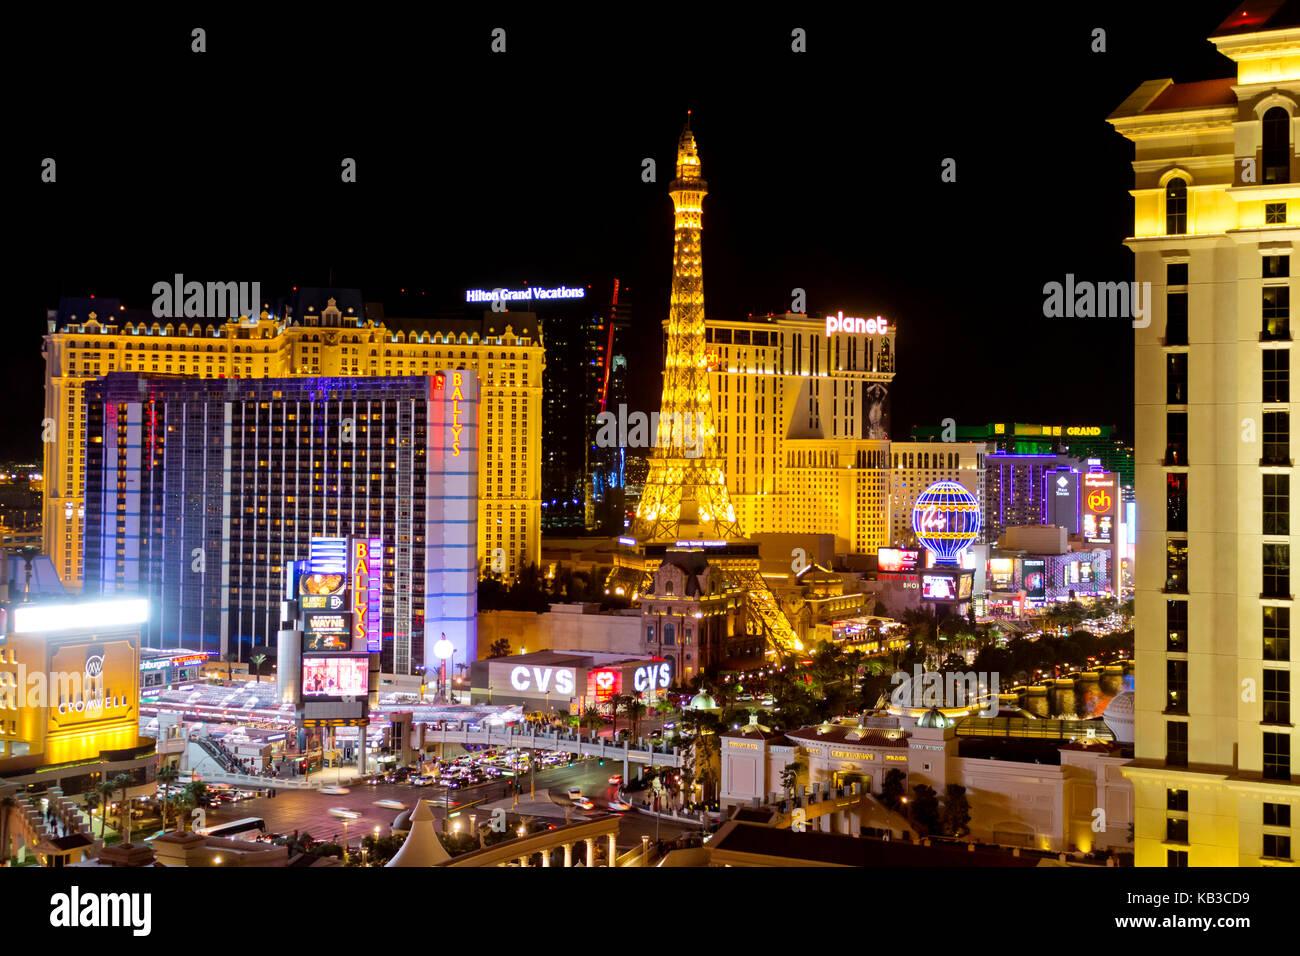 Eine Skyline bei Nacht Blick auf mehrere casino and Resort in den Las Vegas Blvd., Las Vegas, Nevada. Stockbild